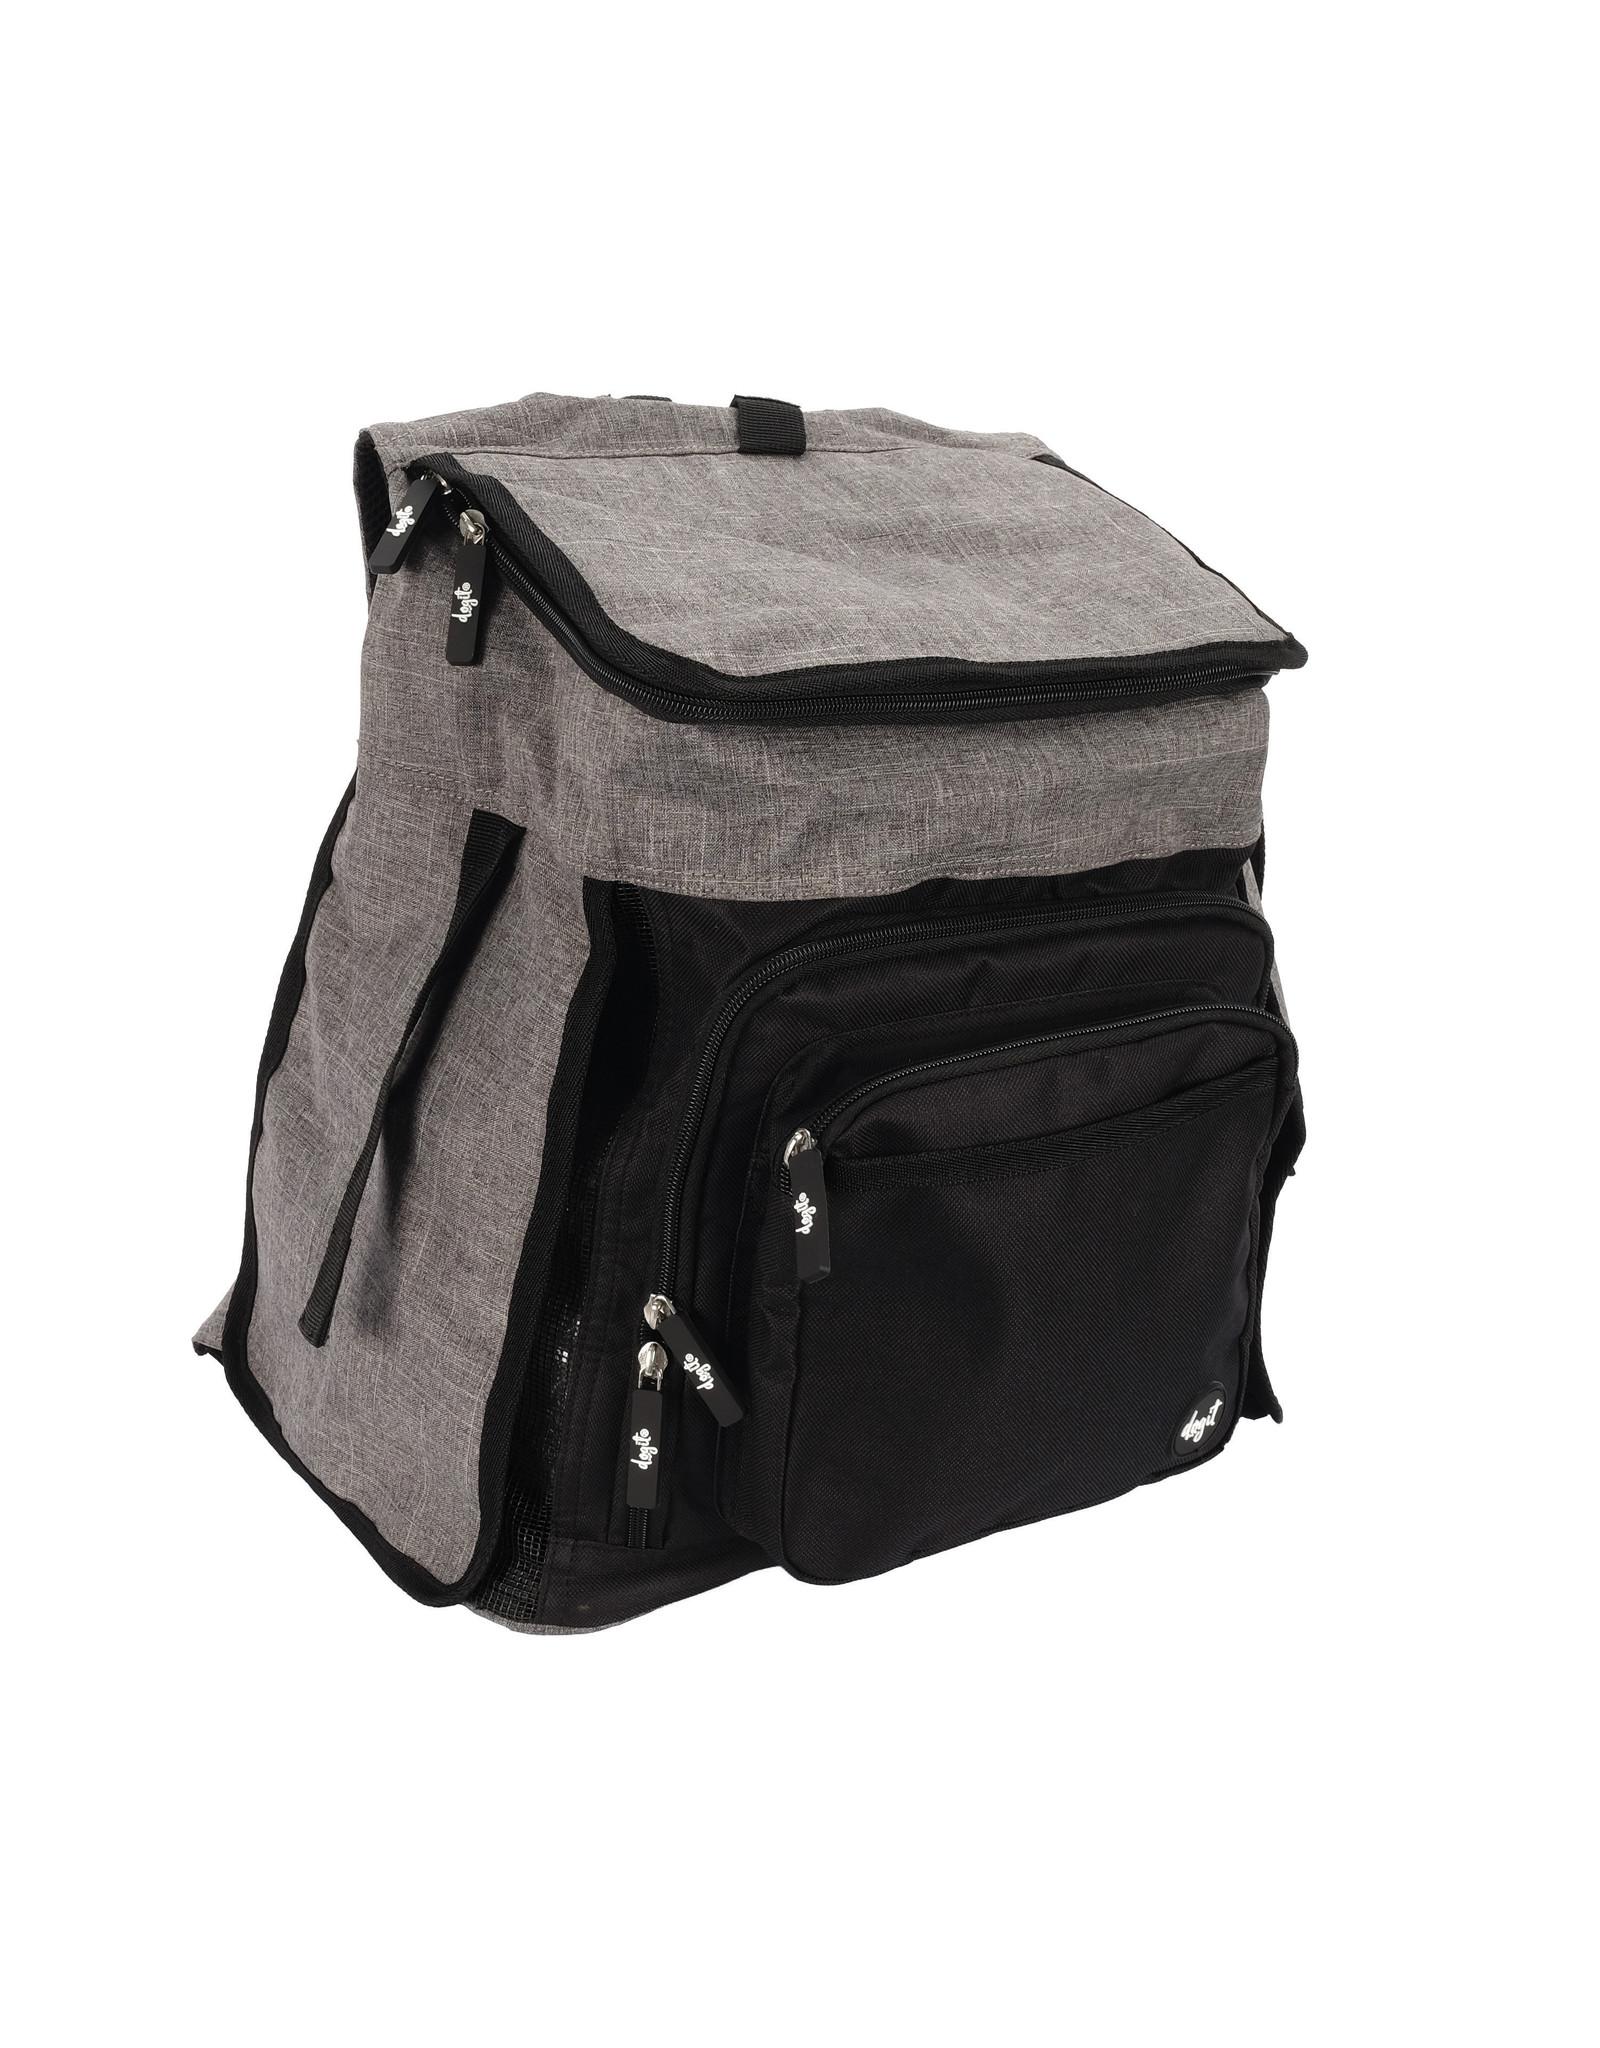 DO - Dogit Dogit Explorer Soft Carrier Backpack Carrier - Gray